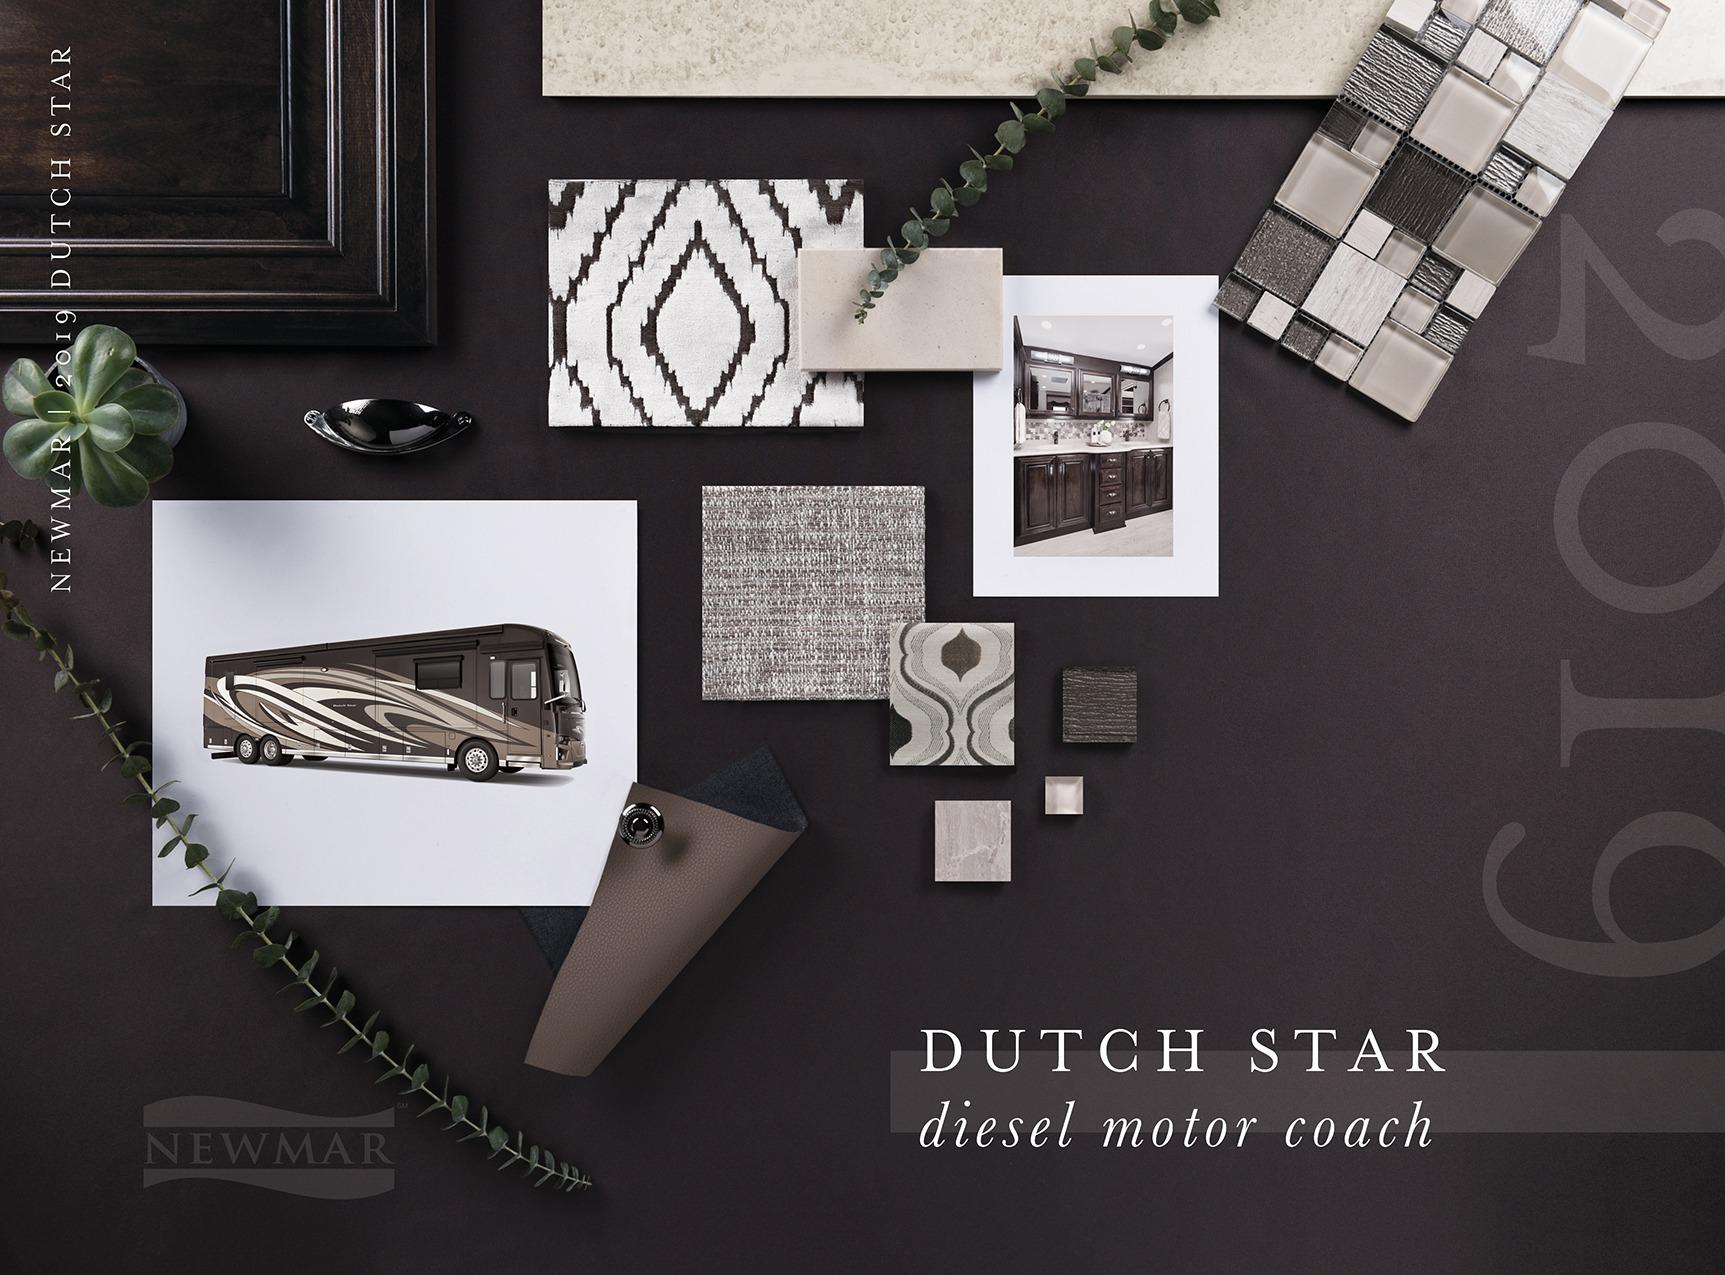 Dutch Star